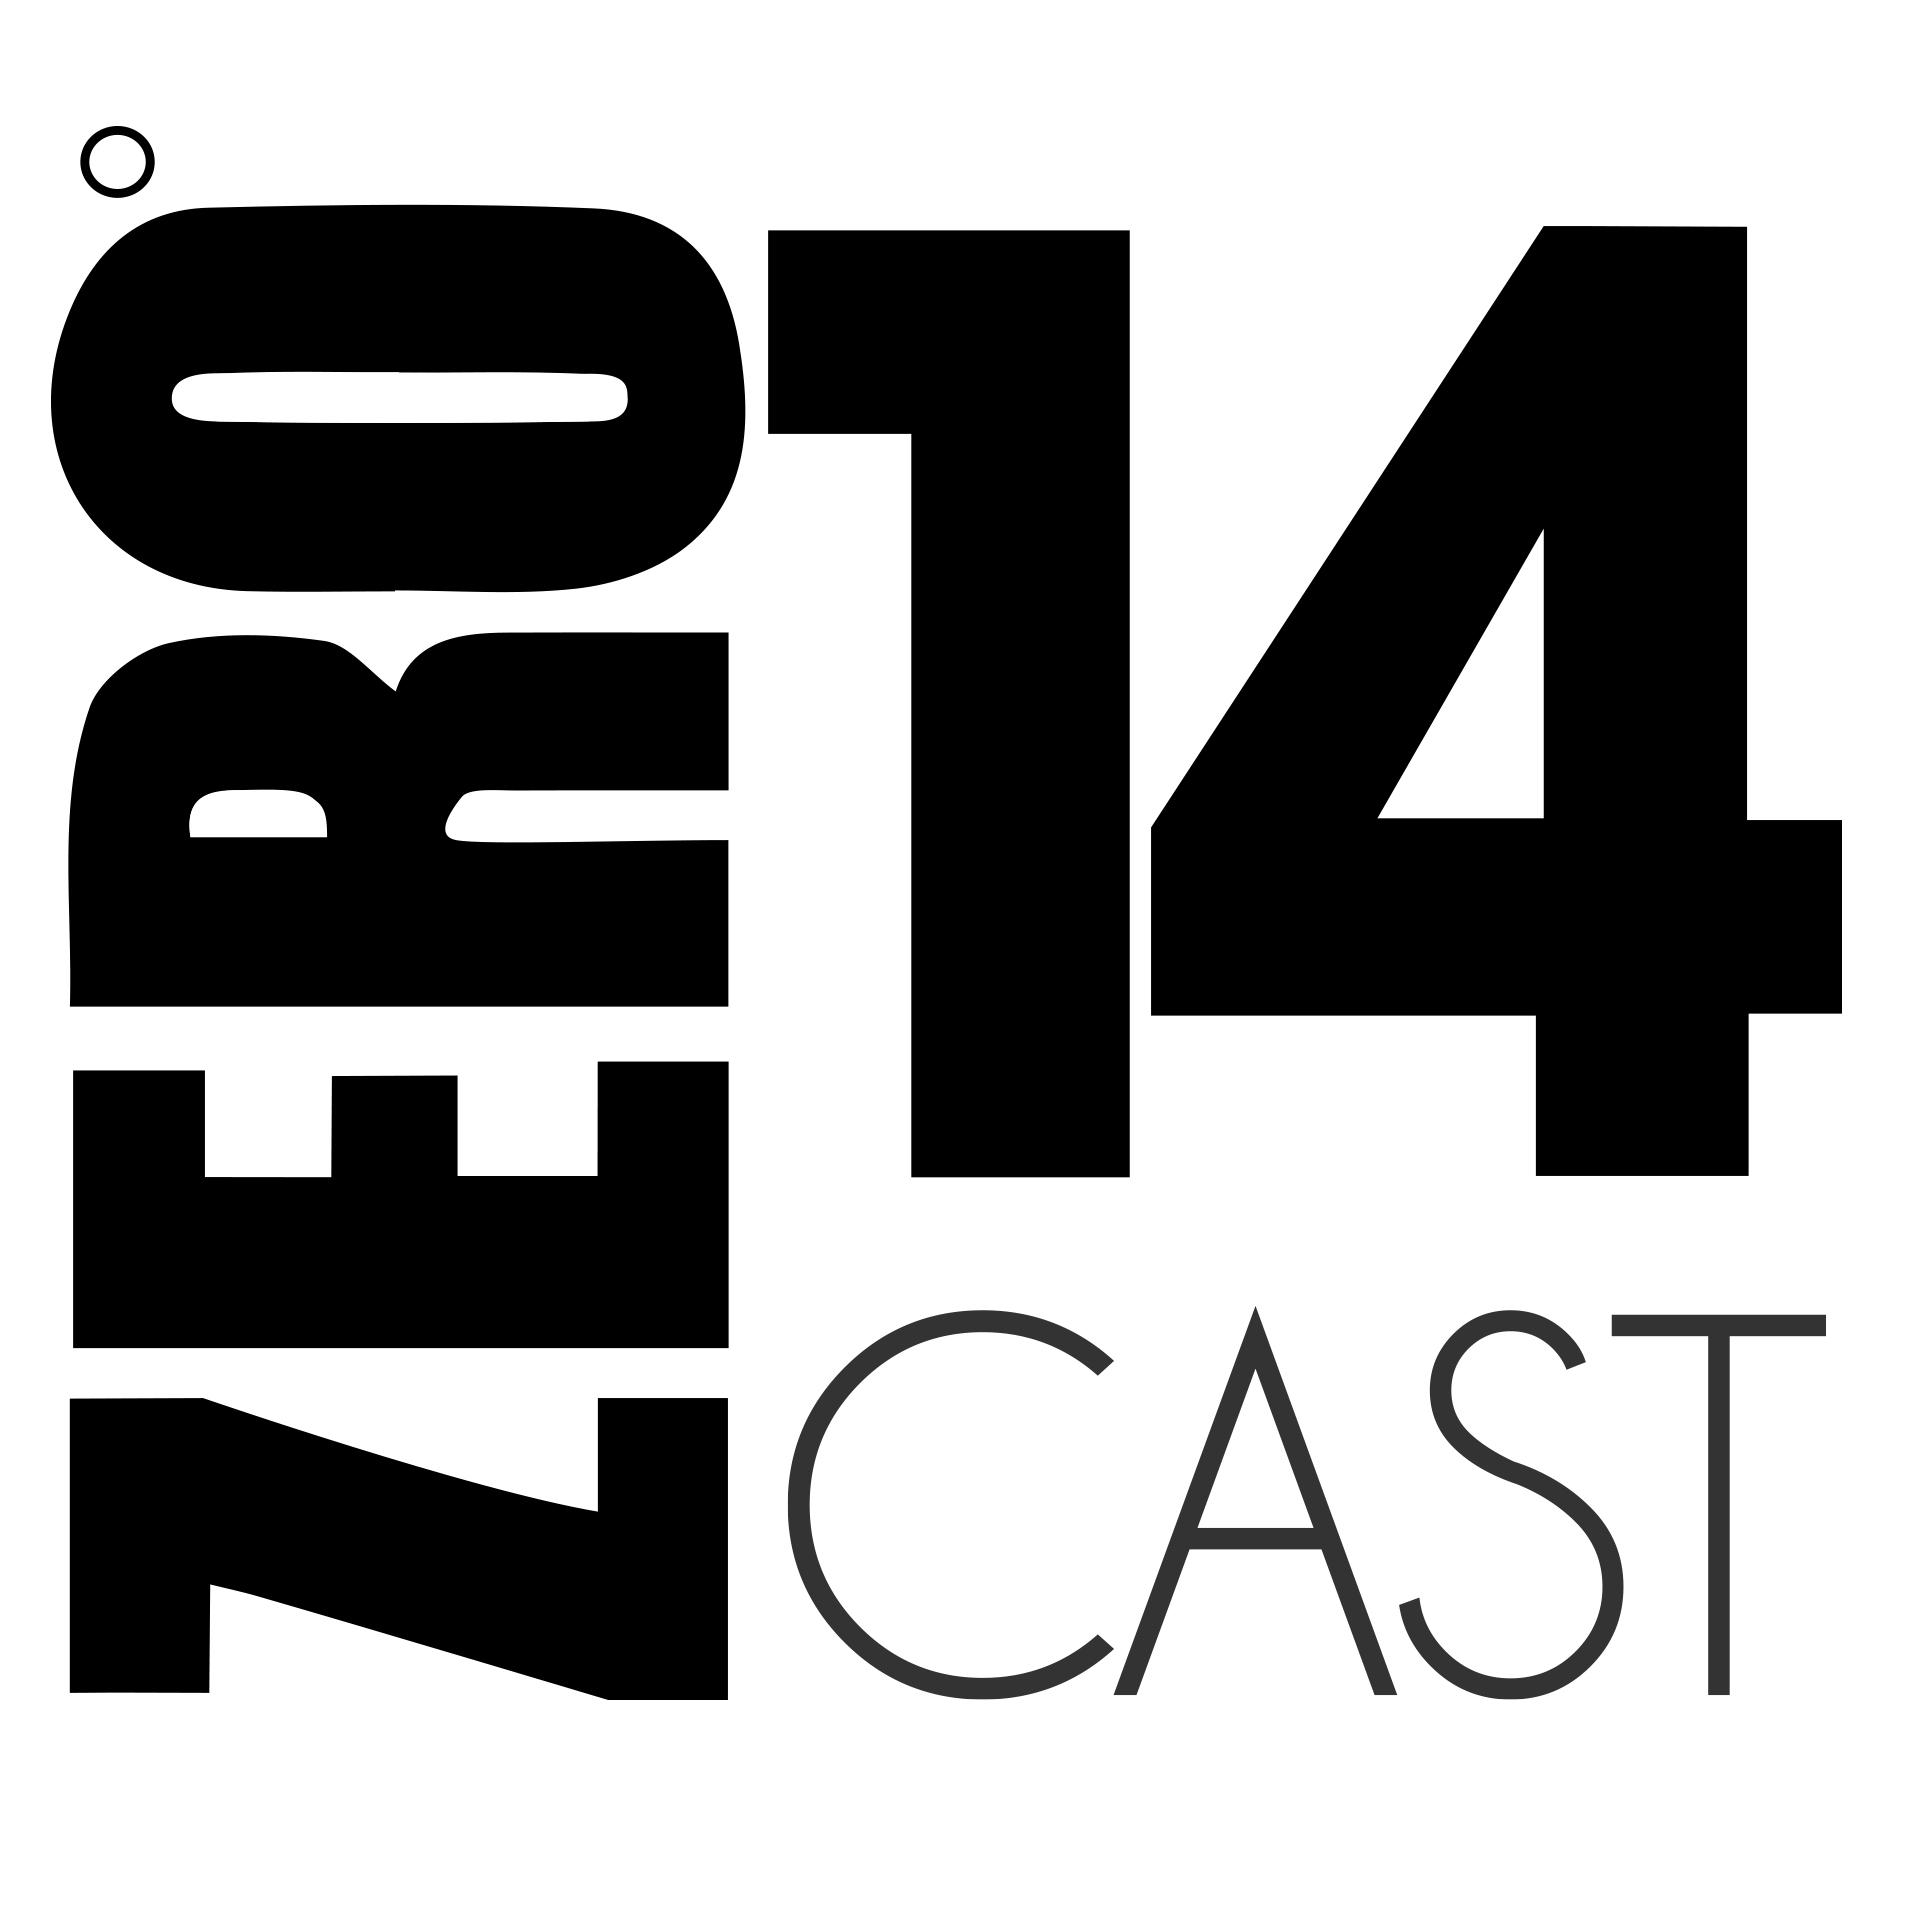 Zero14cast